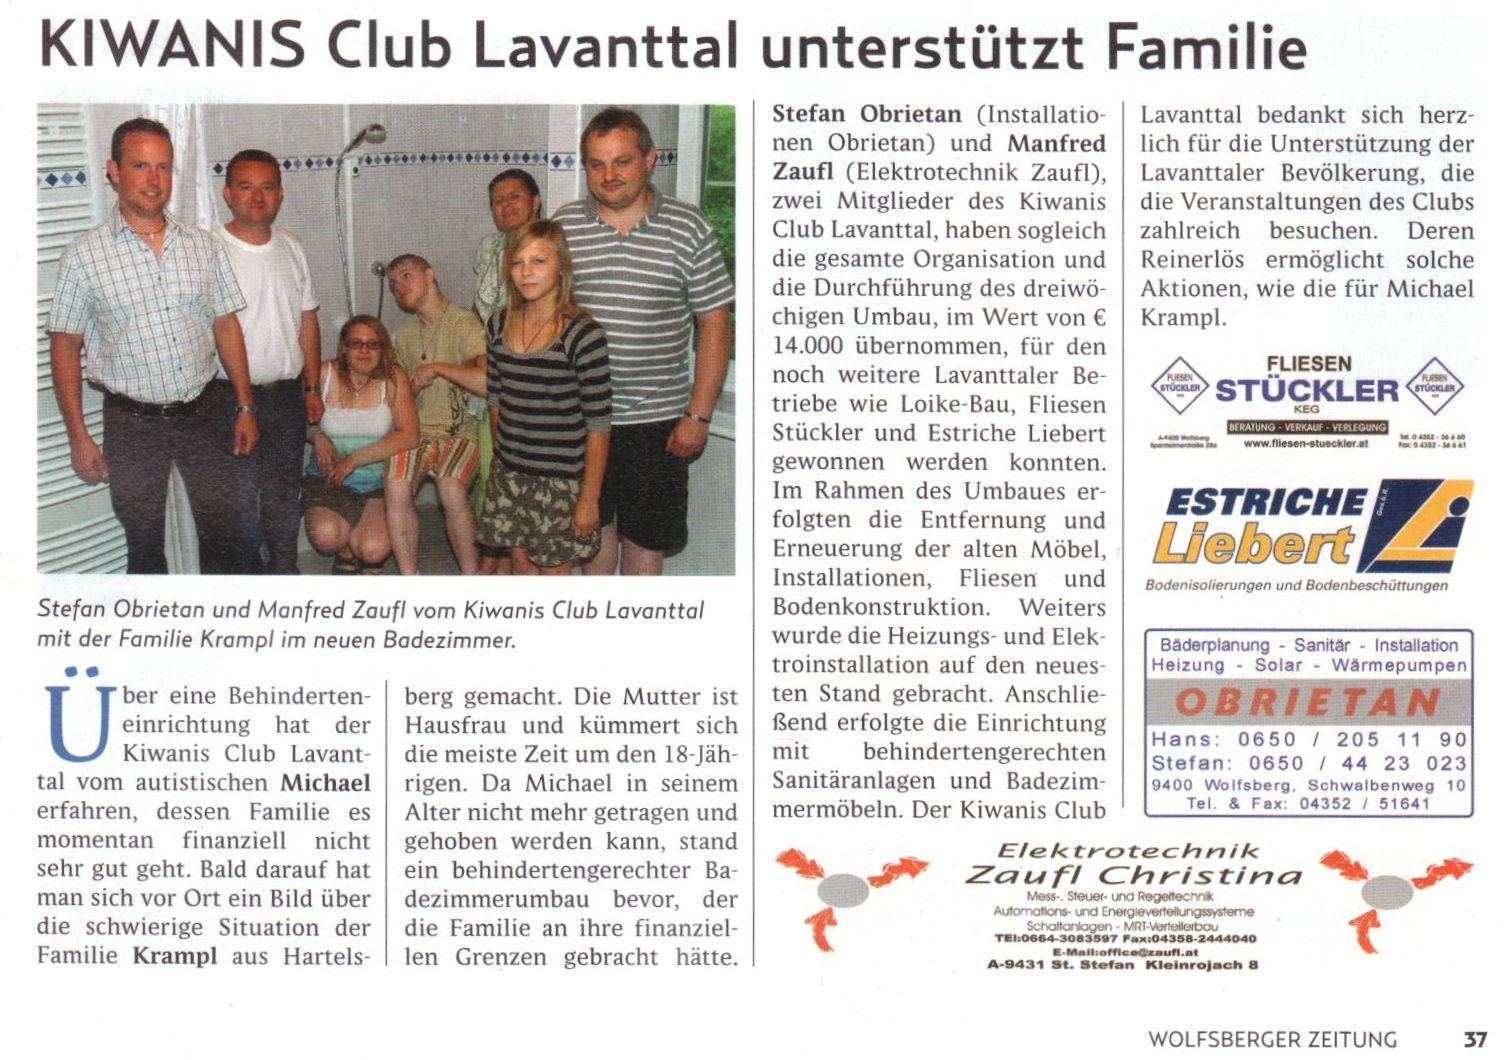 Wolfsberger_Zeitung_Badezimmerumbau (1)